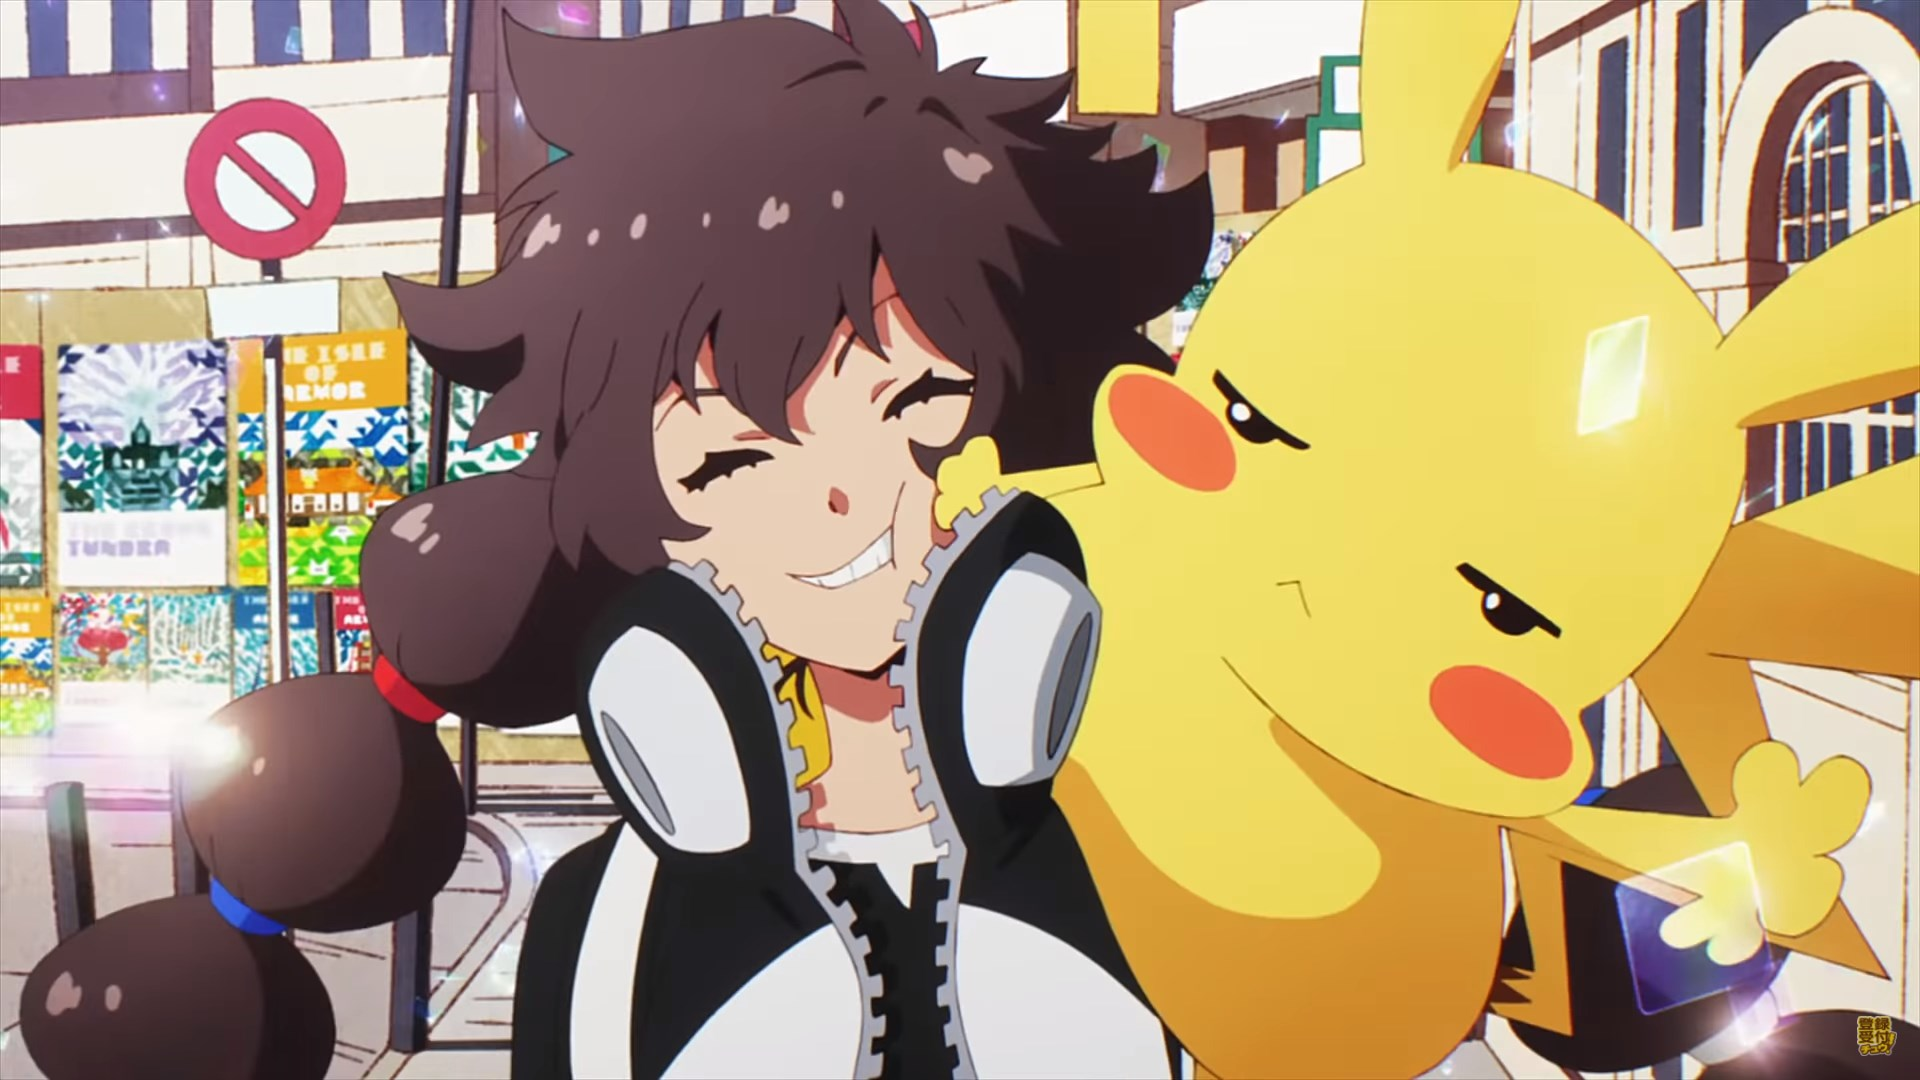 Gotcha!, Pokemon music video